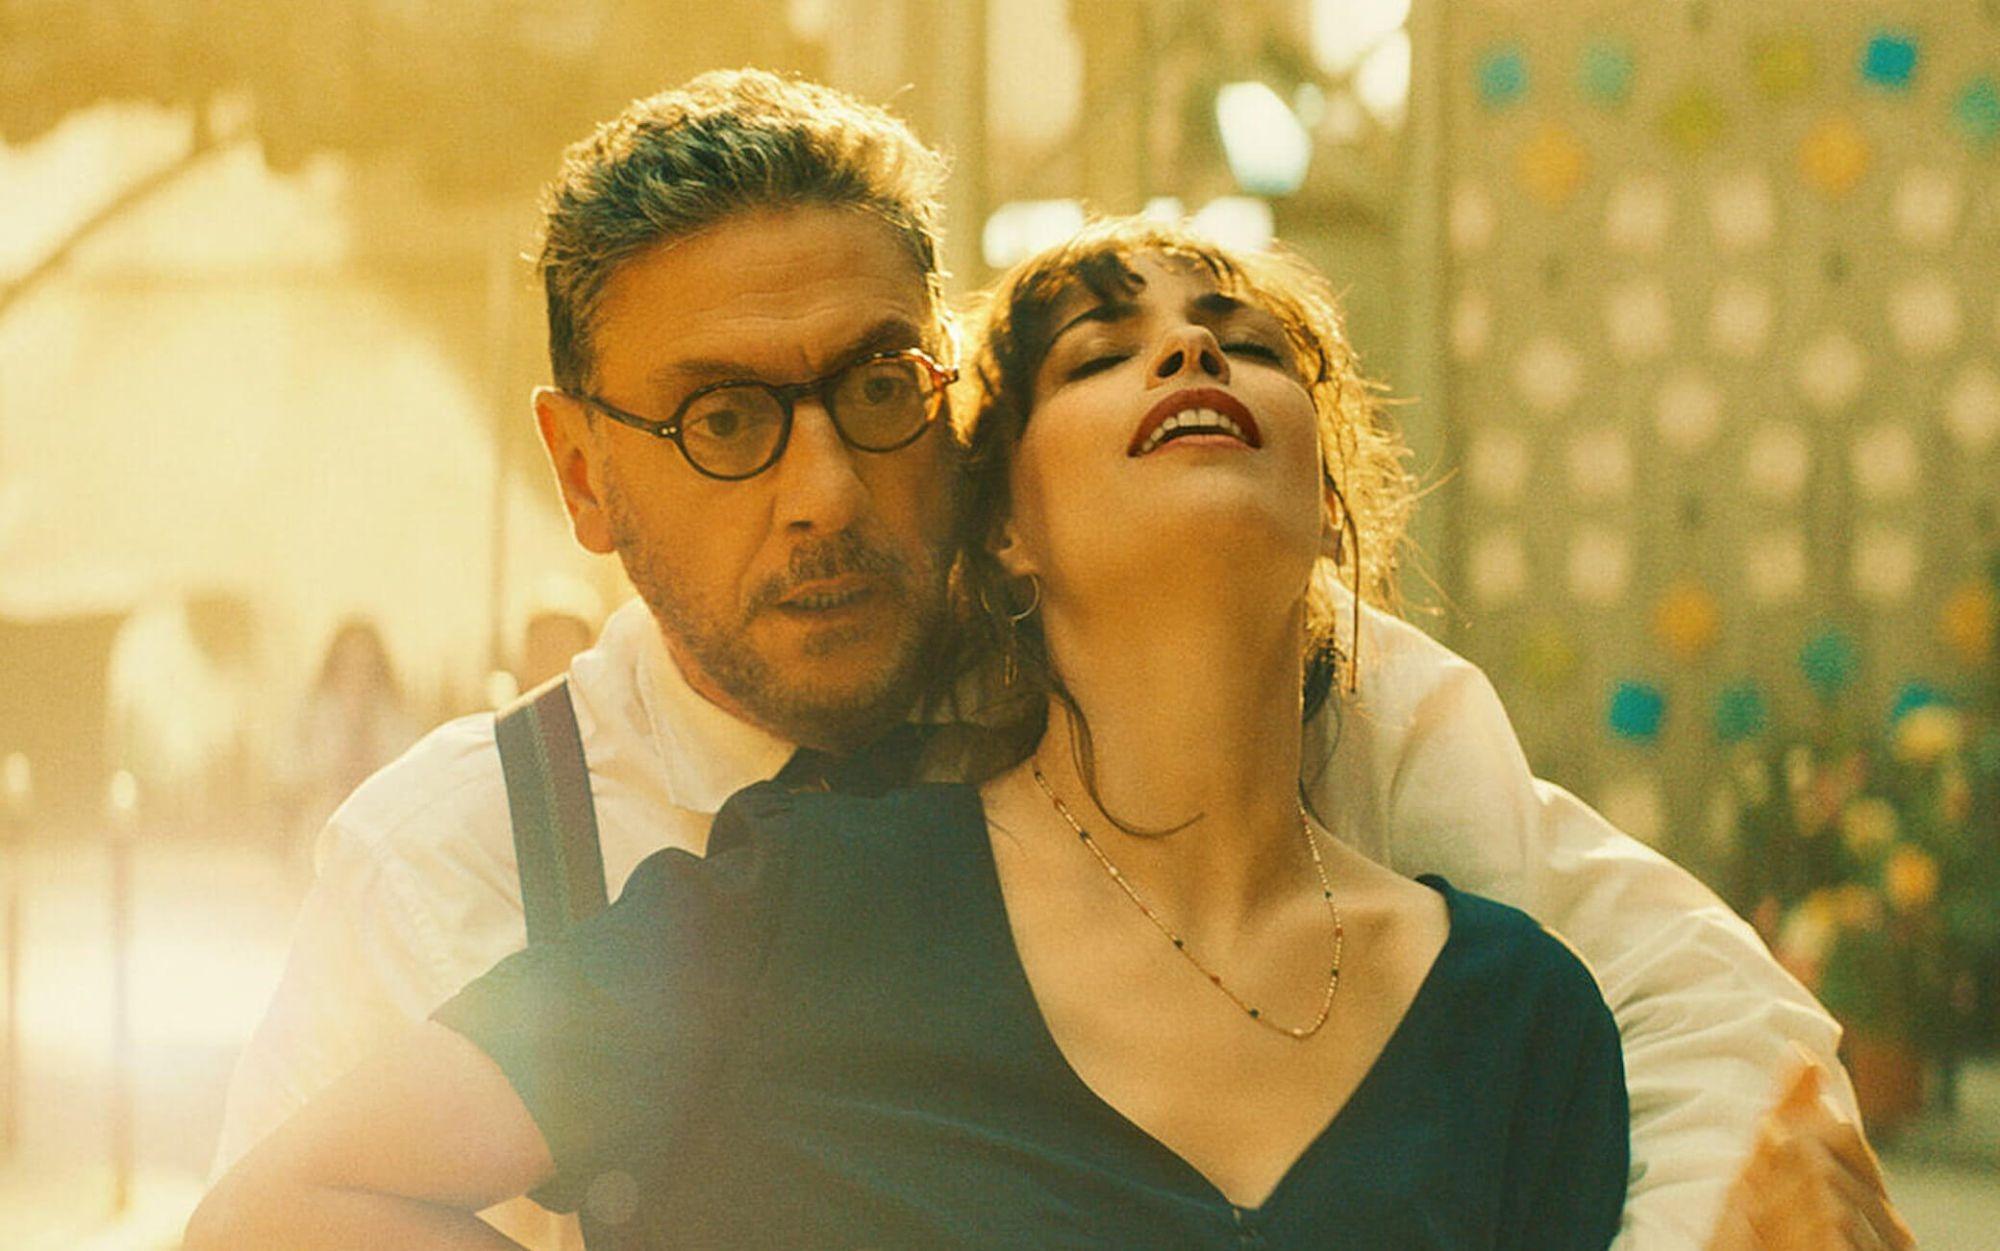 Il Materiale Emotivo (2021), la recensione: la coppia Castellitto-Mazzantini porta al cinema un'idea del maestro Ettore Scola